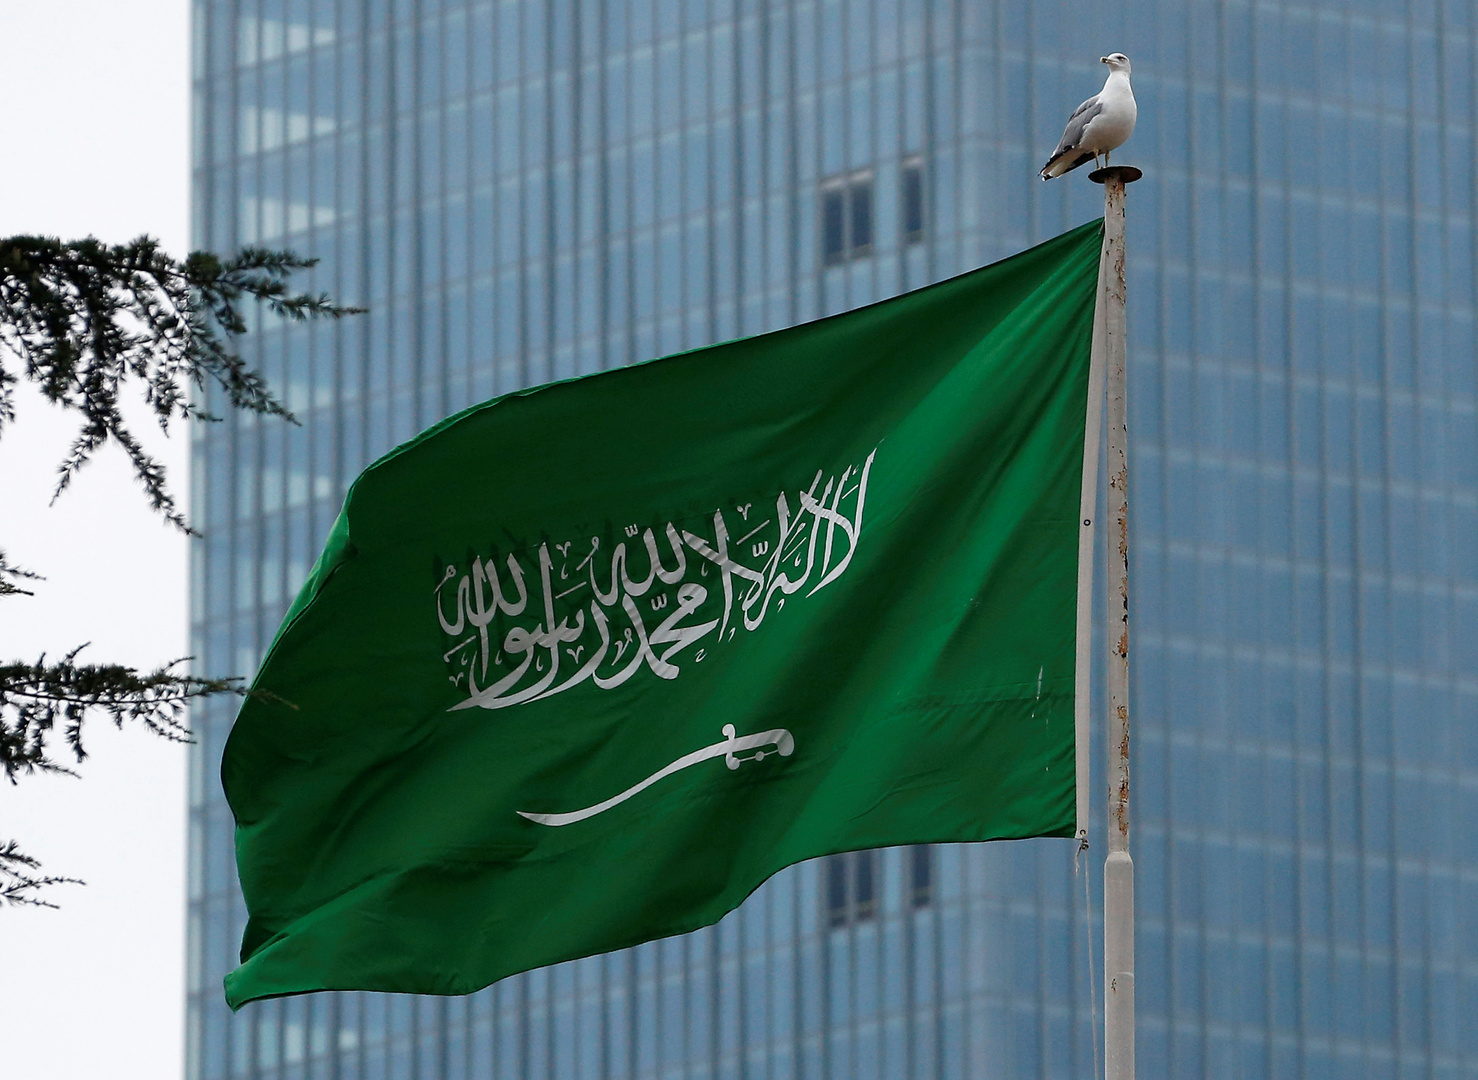 بالفيديو.. أمير مكة المكرمة يعلن اسم الوزير الفائز بجائزة الاعتدال 2020